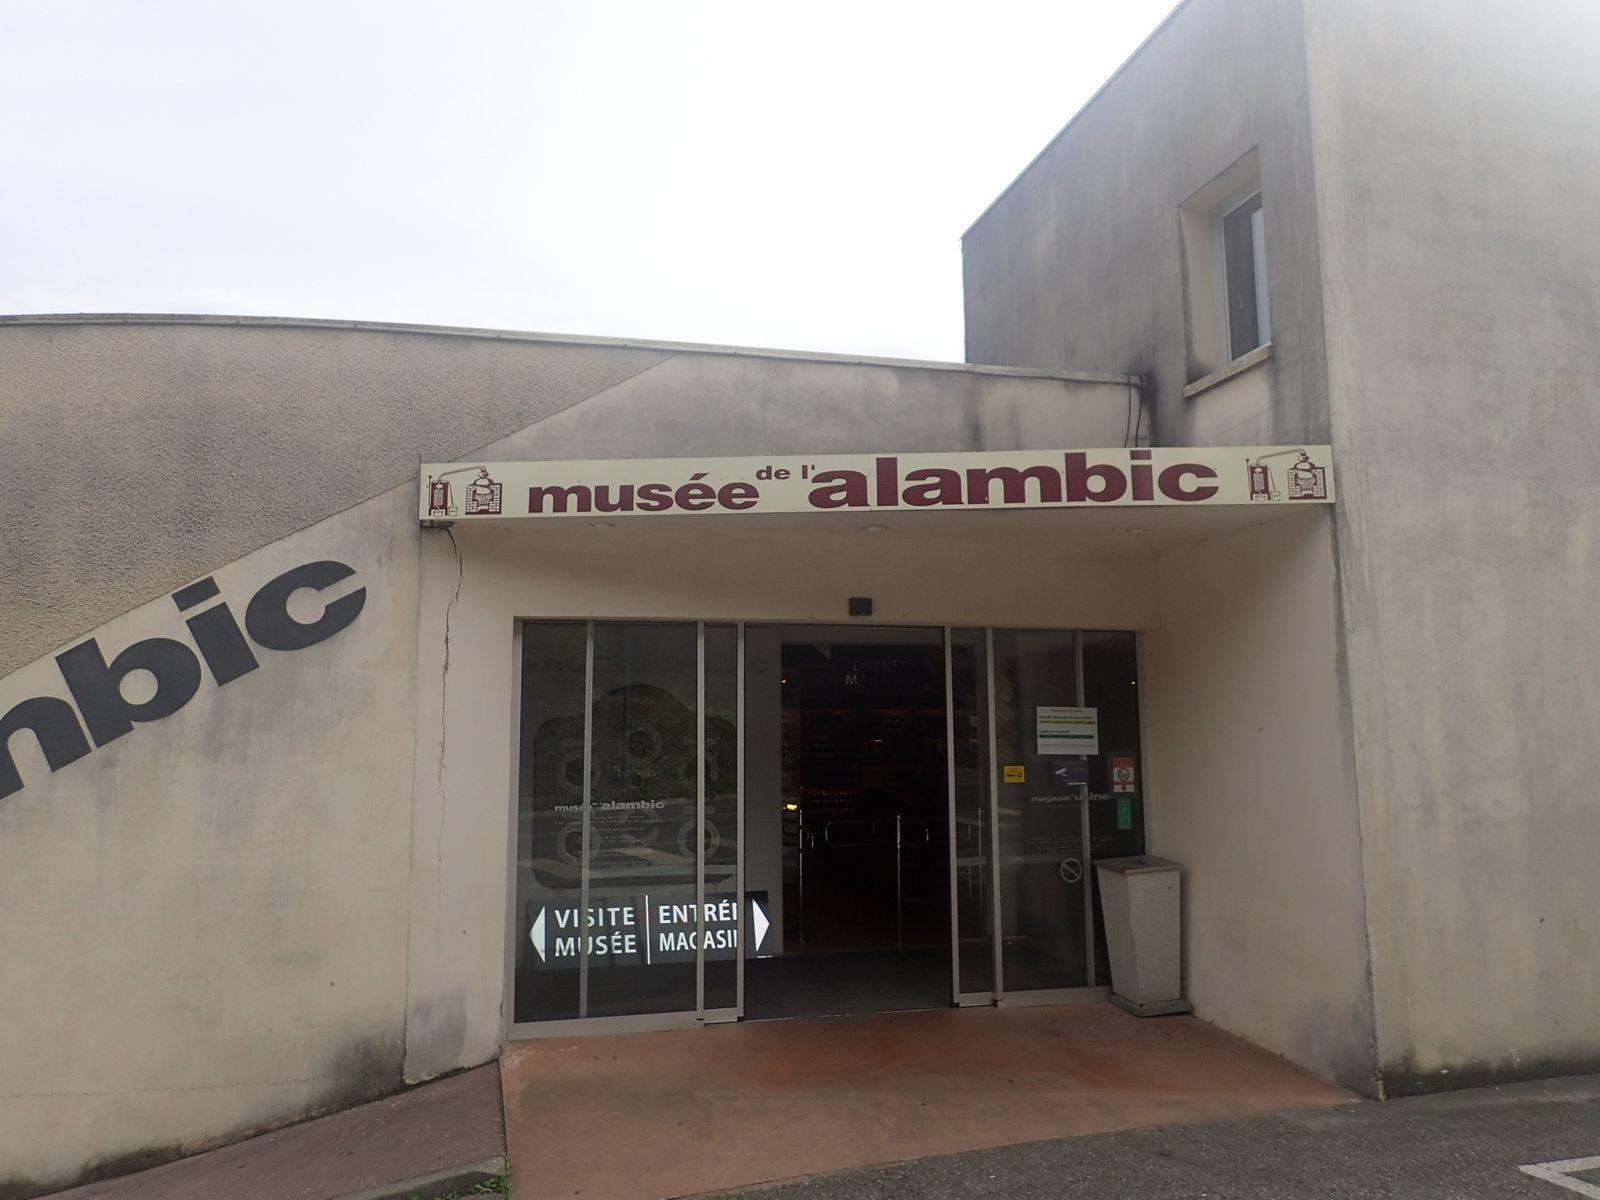 Un autre musée